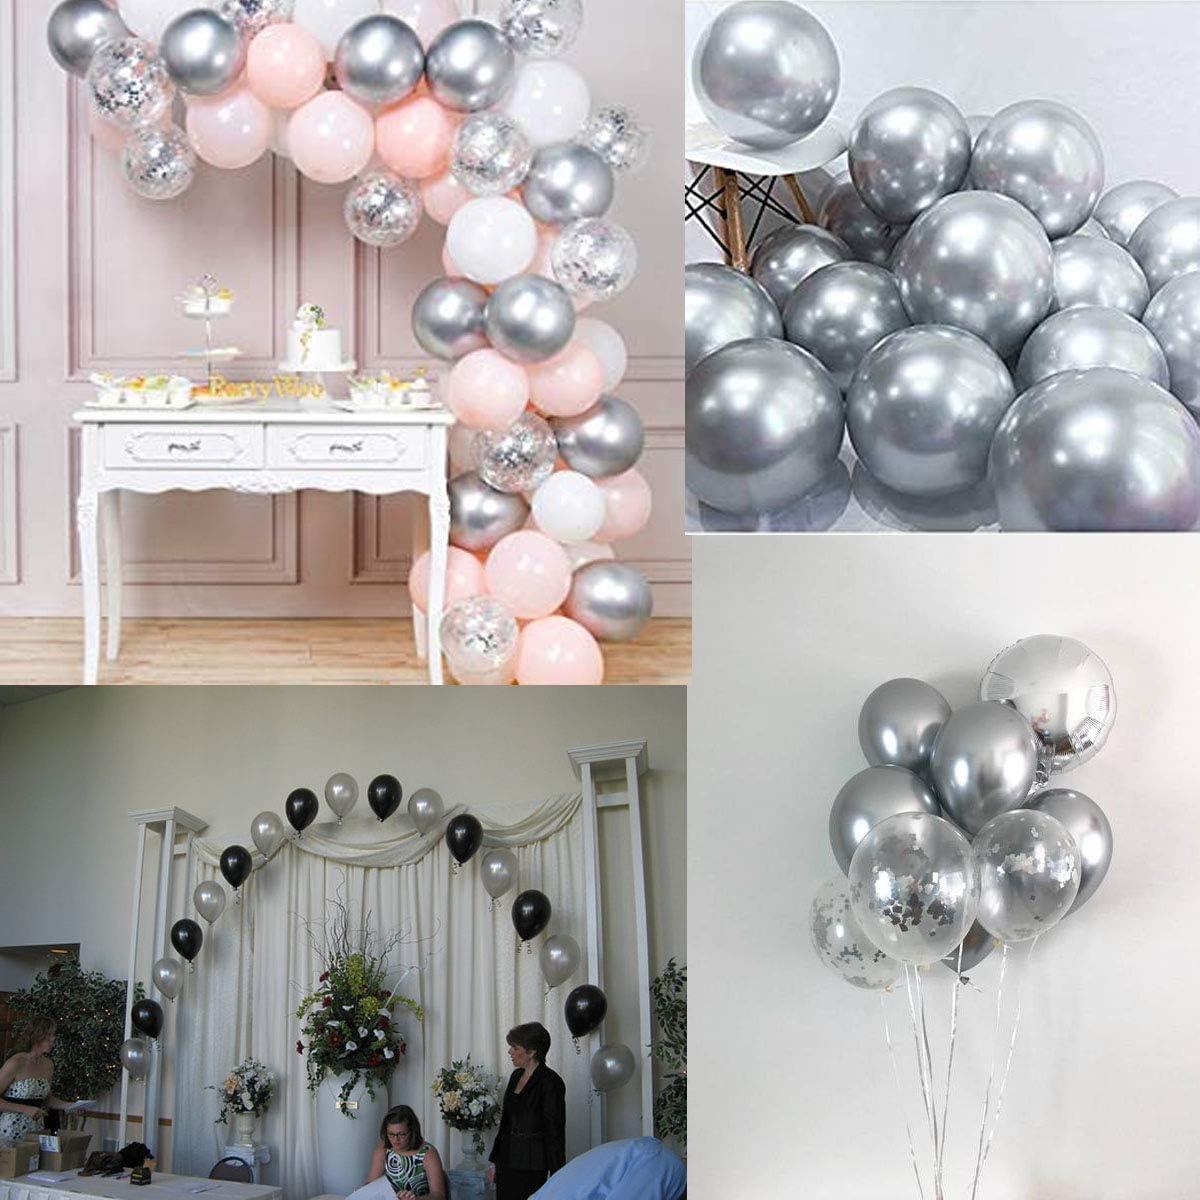 F/ête Mariage et Decoration Nouvel An 50 Ballons Or Noir 1 Ballon Confettis 90 cm Ballon G/éant XXL Transparent avec Confettis Dor/é pour Deco Anniversaire